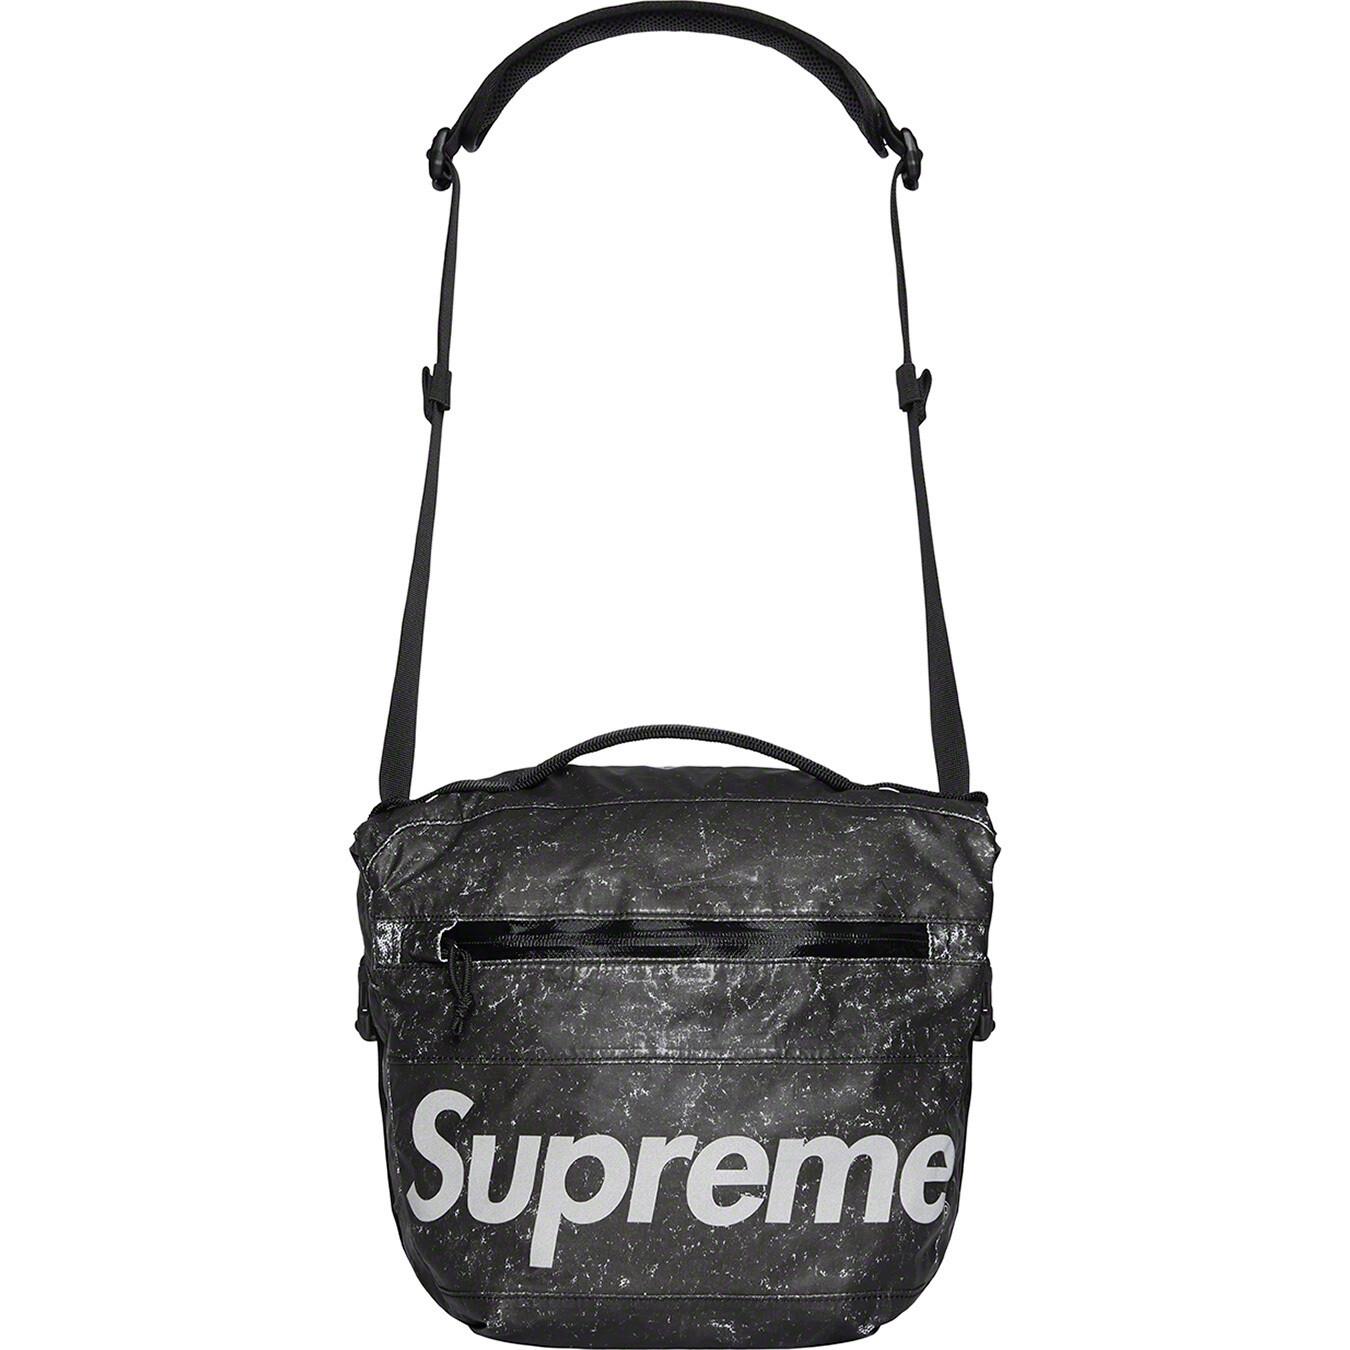 Supreme Waterproof Reflective Speckled Shoulder Bag